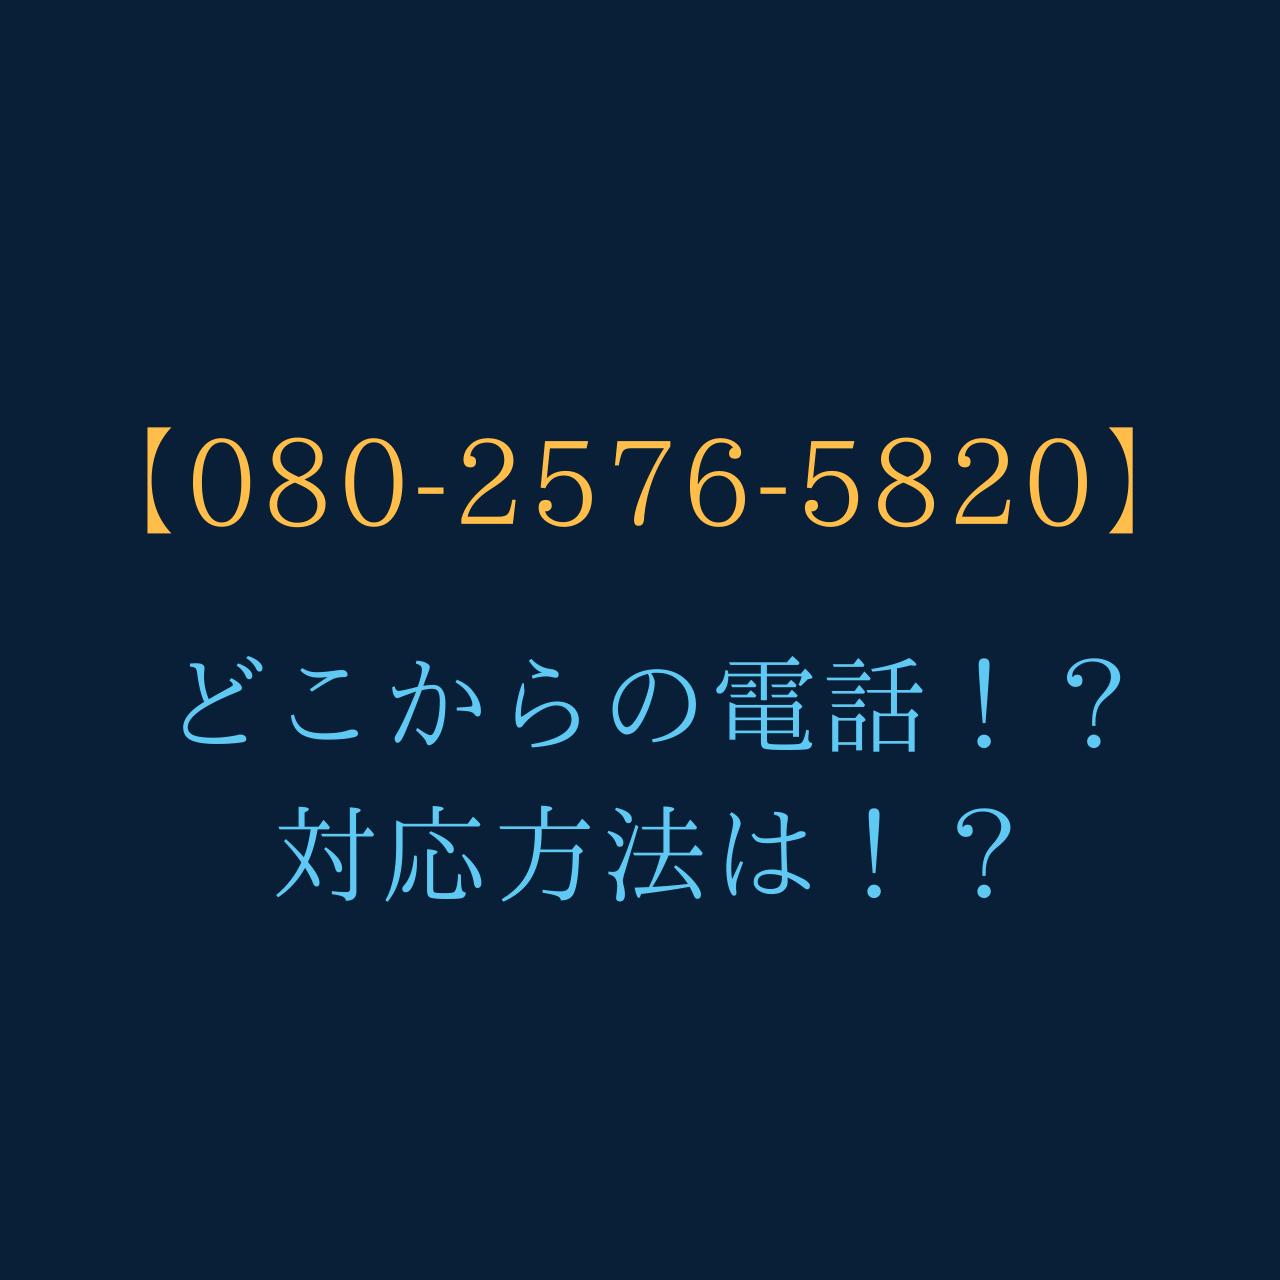 【注意】08025765820は闇金!?専門家に相談して解決を!